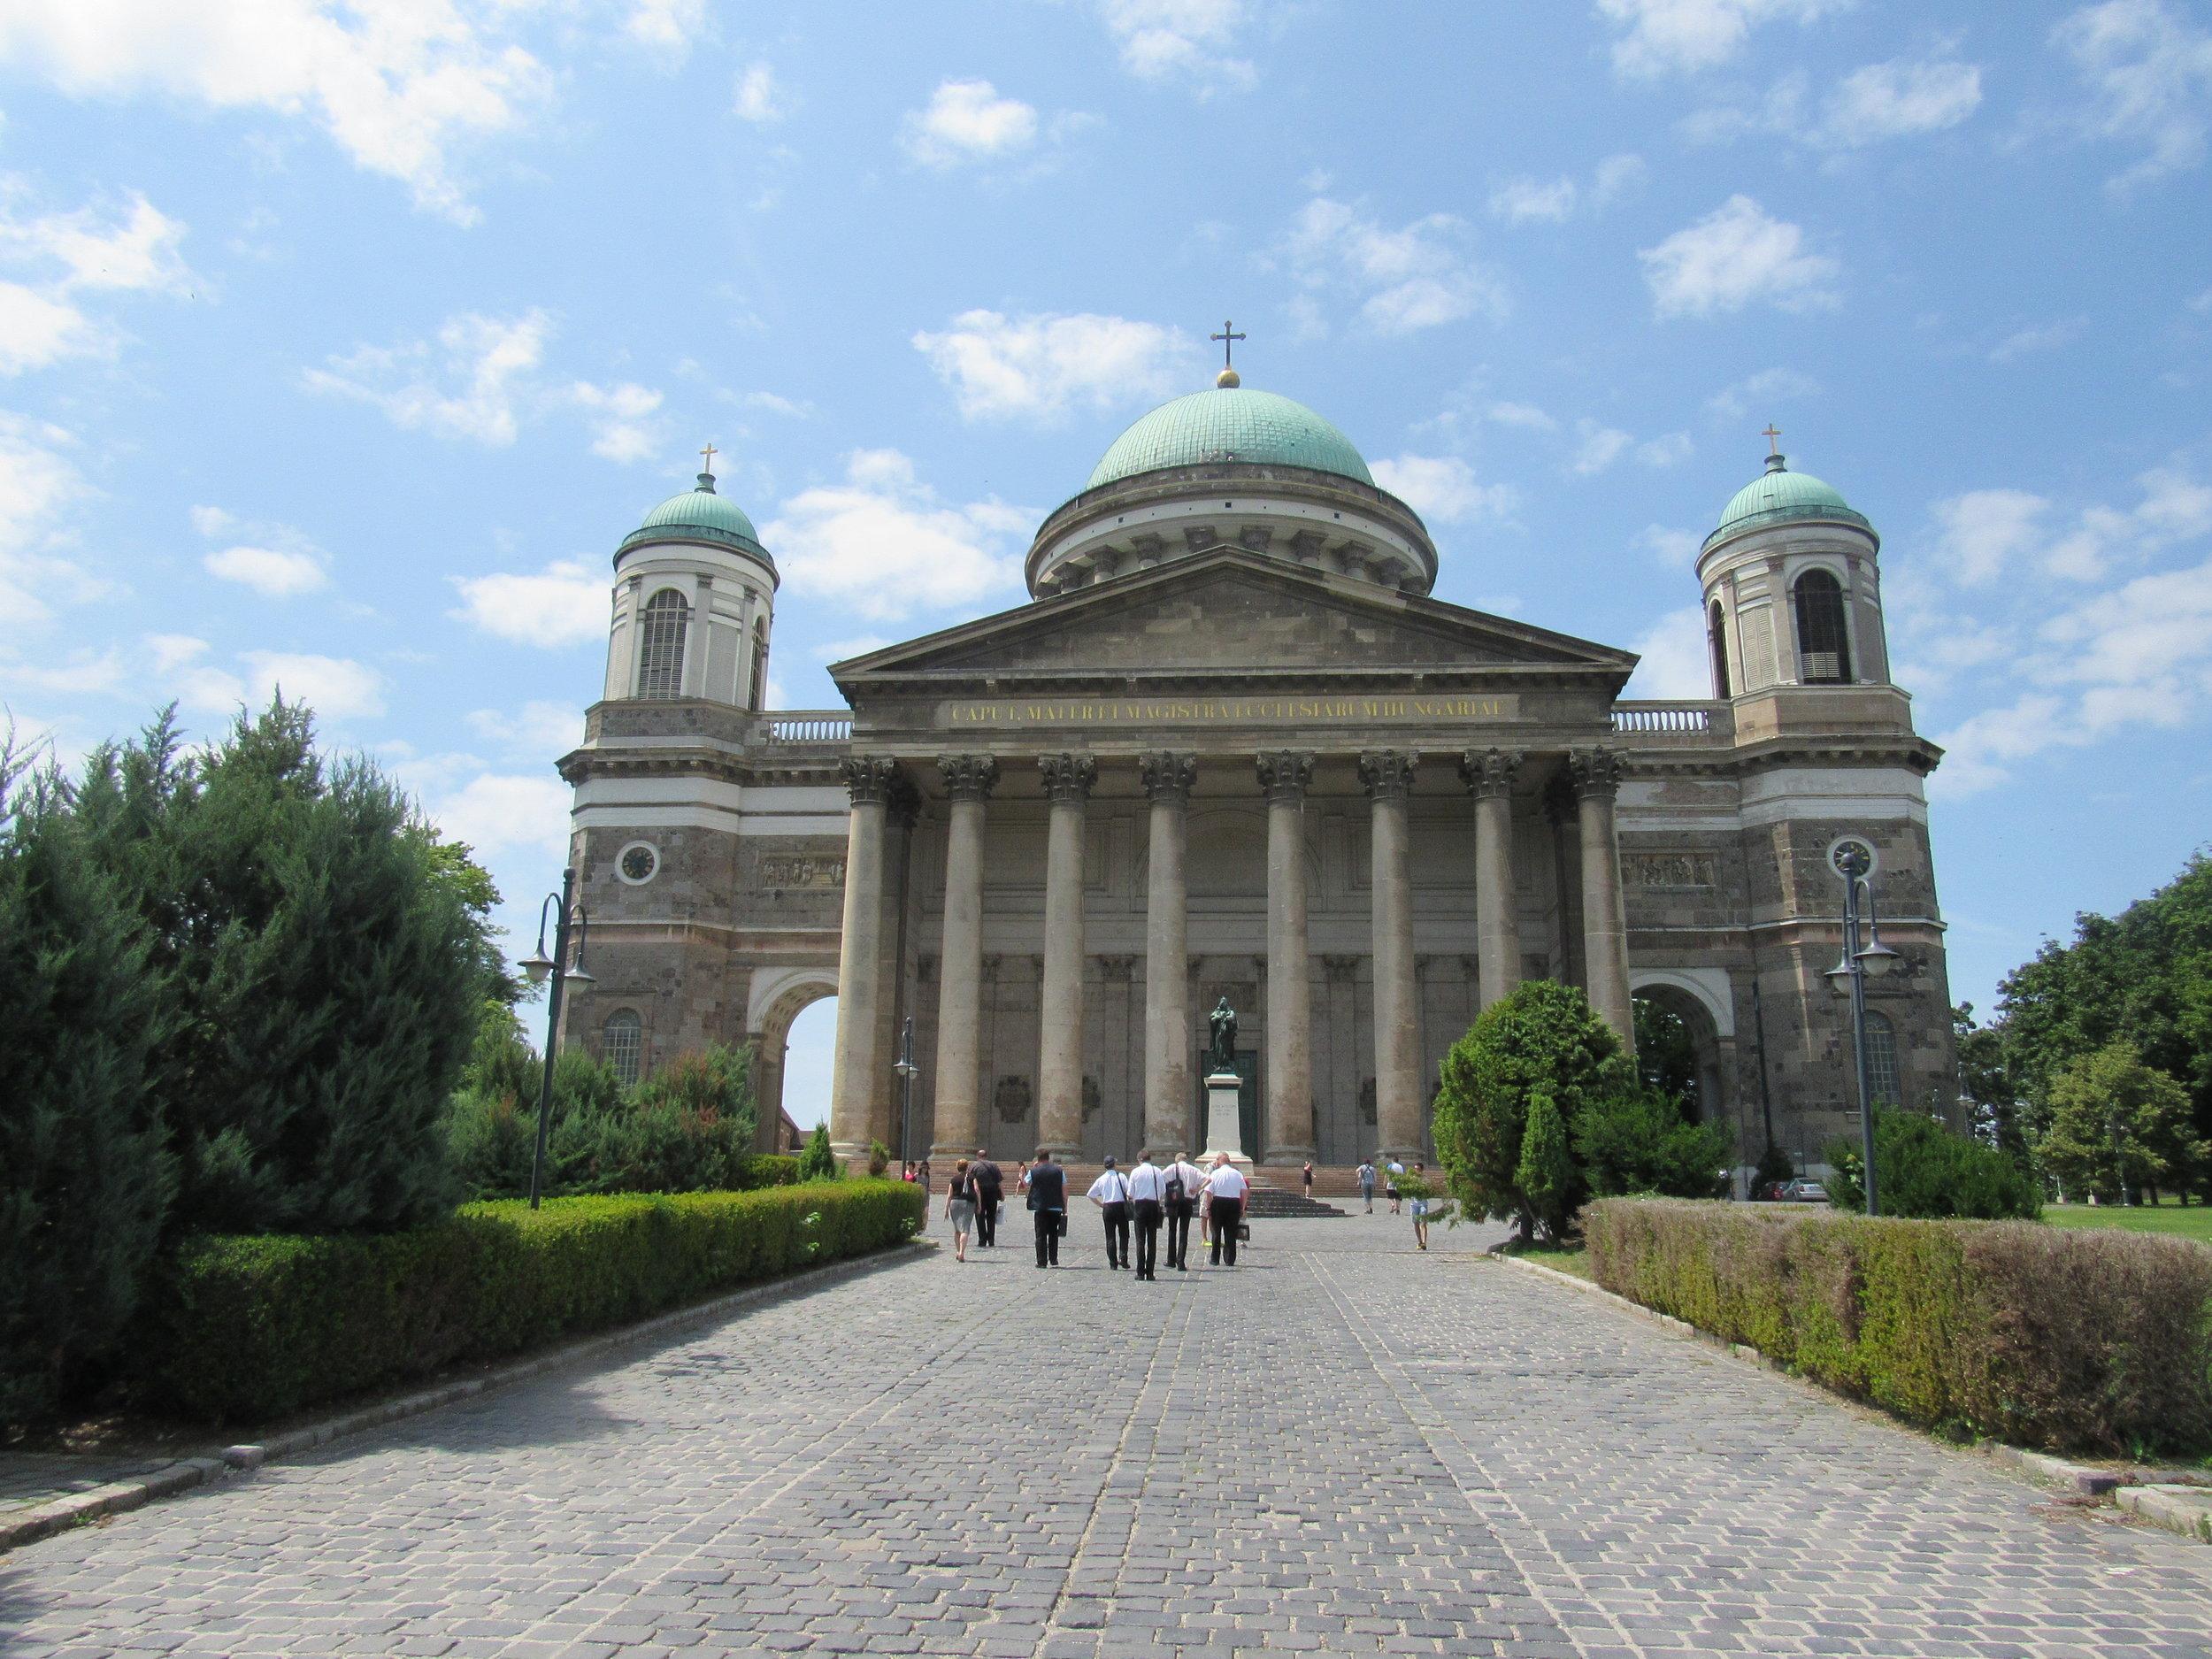 Katedrala in bazilika v Esztergomu